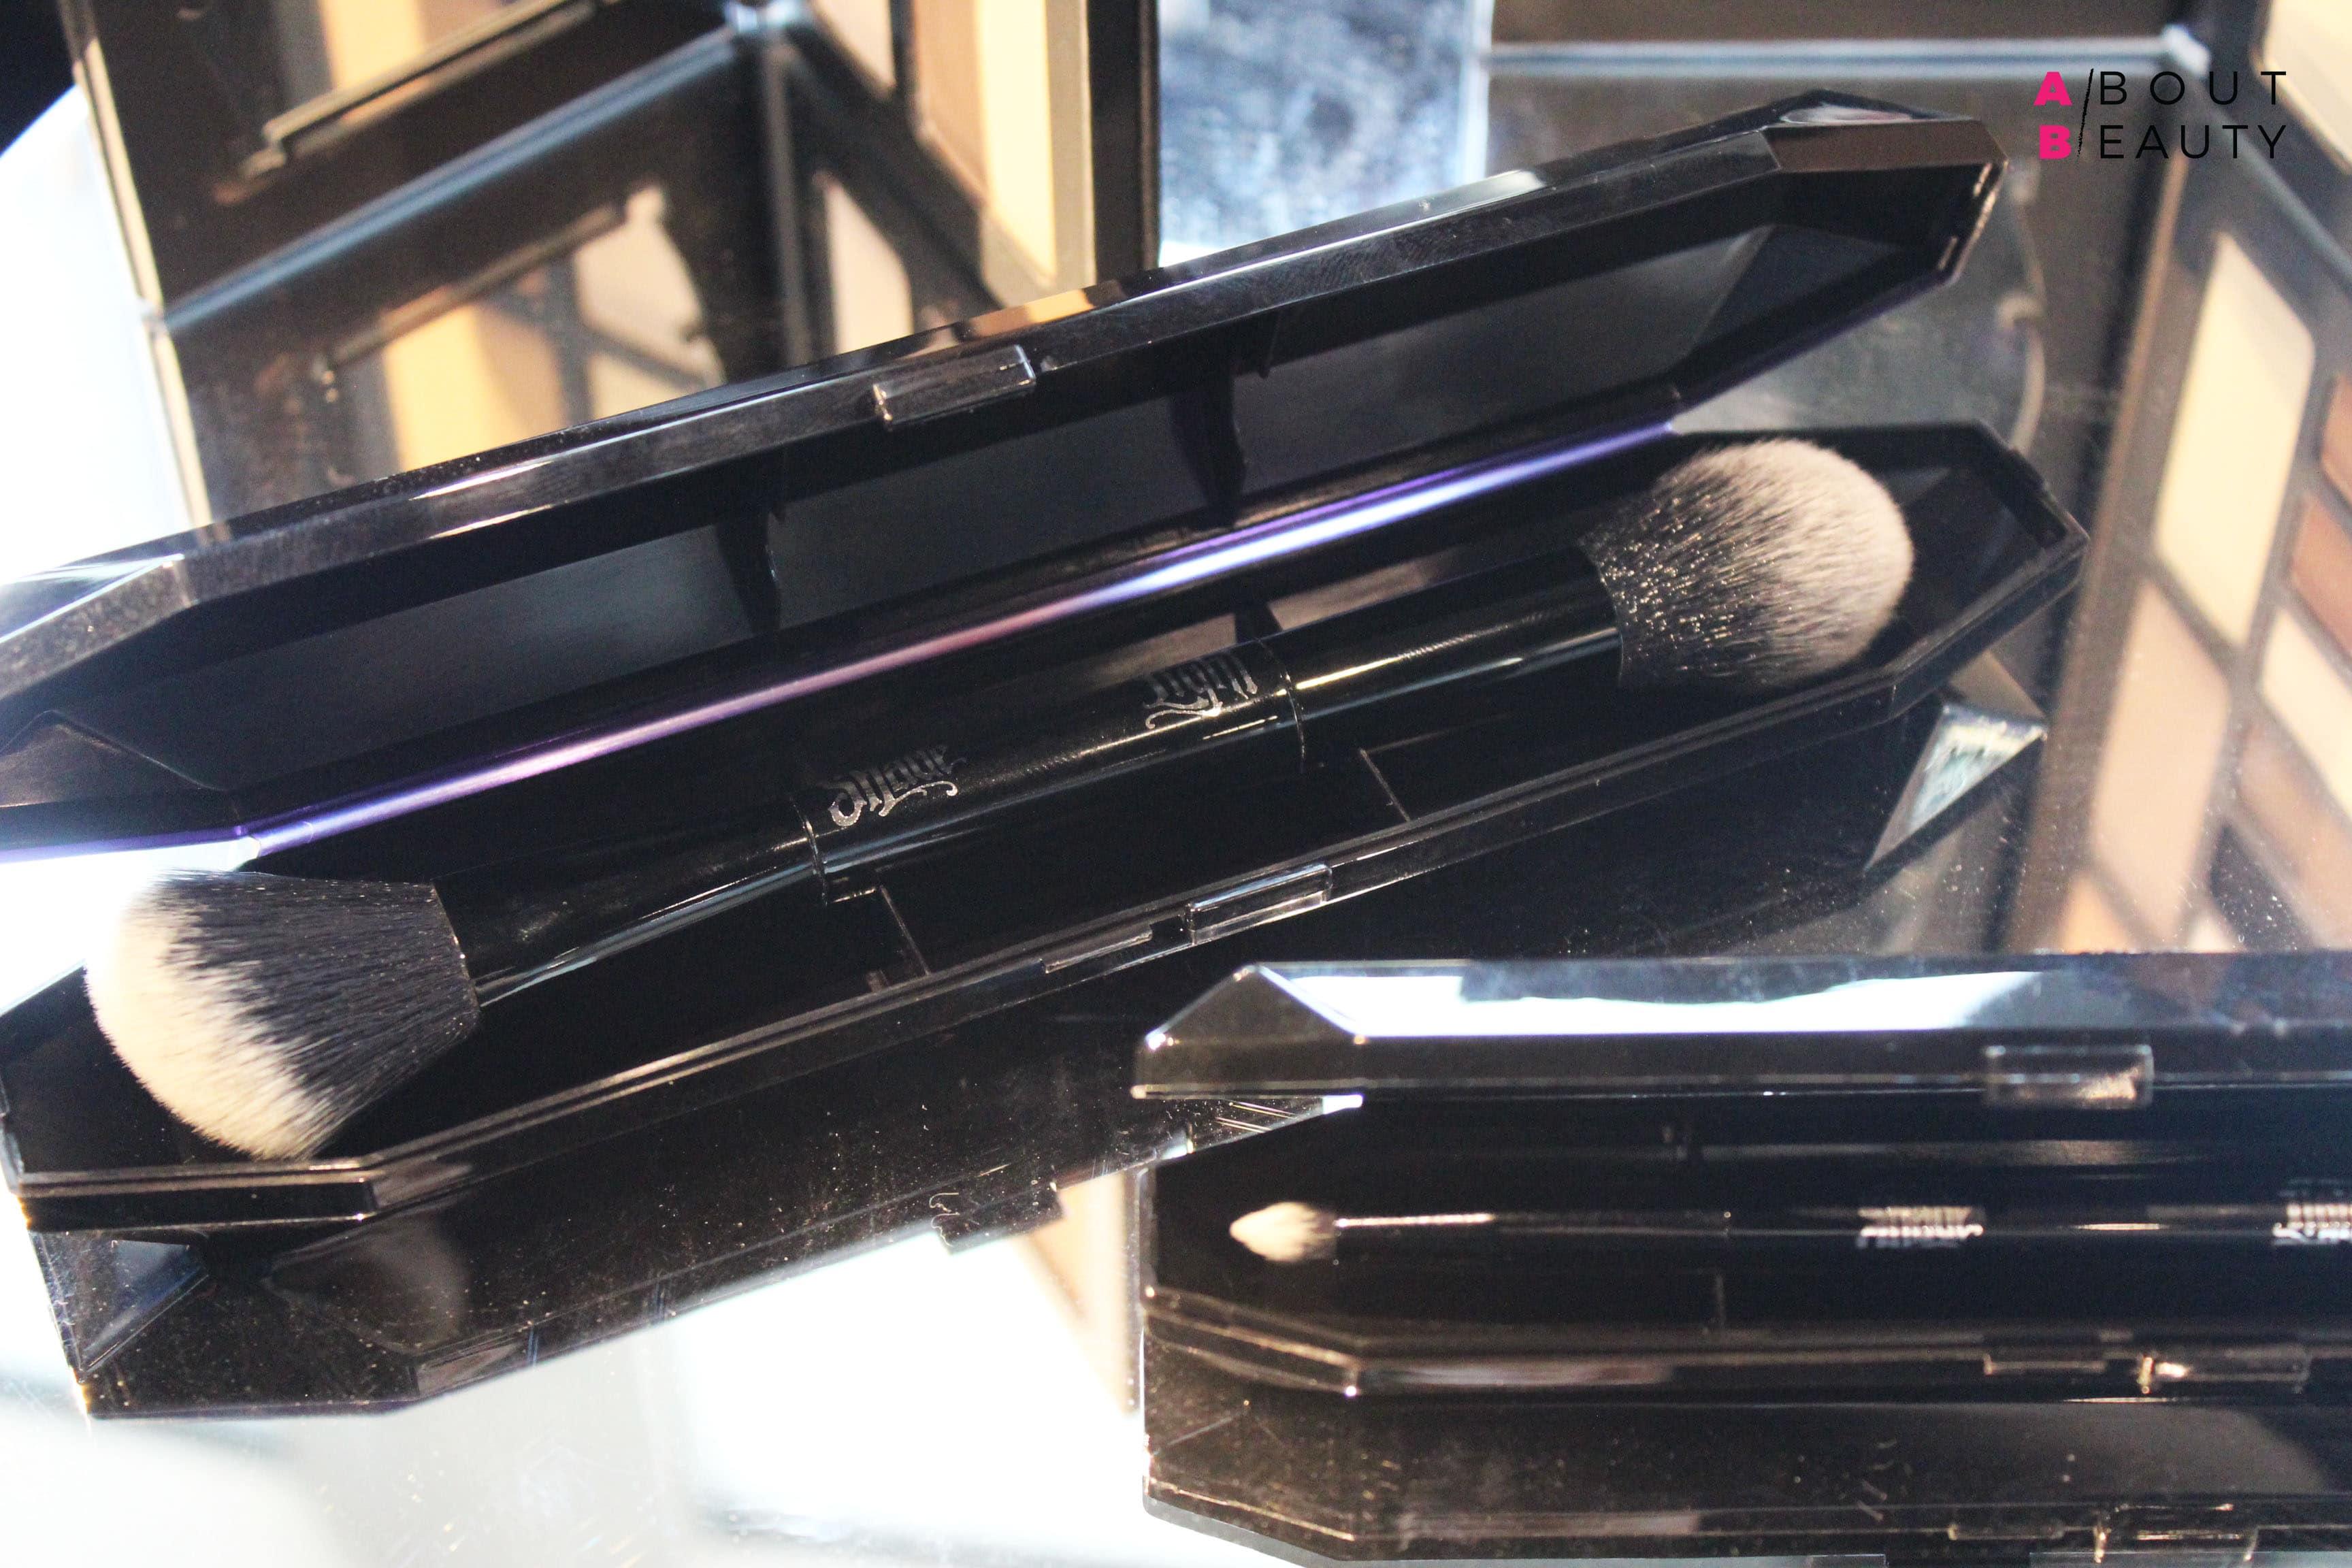 Kat Von D arriva in Italia: in esclusiva da Sephora tutti i prodotti make-up viso della collezione Lock-It - Shade + Light Contour Brush pennello viso